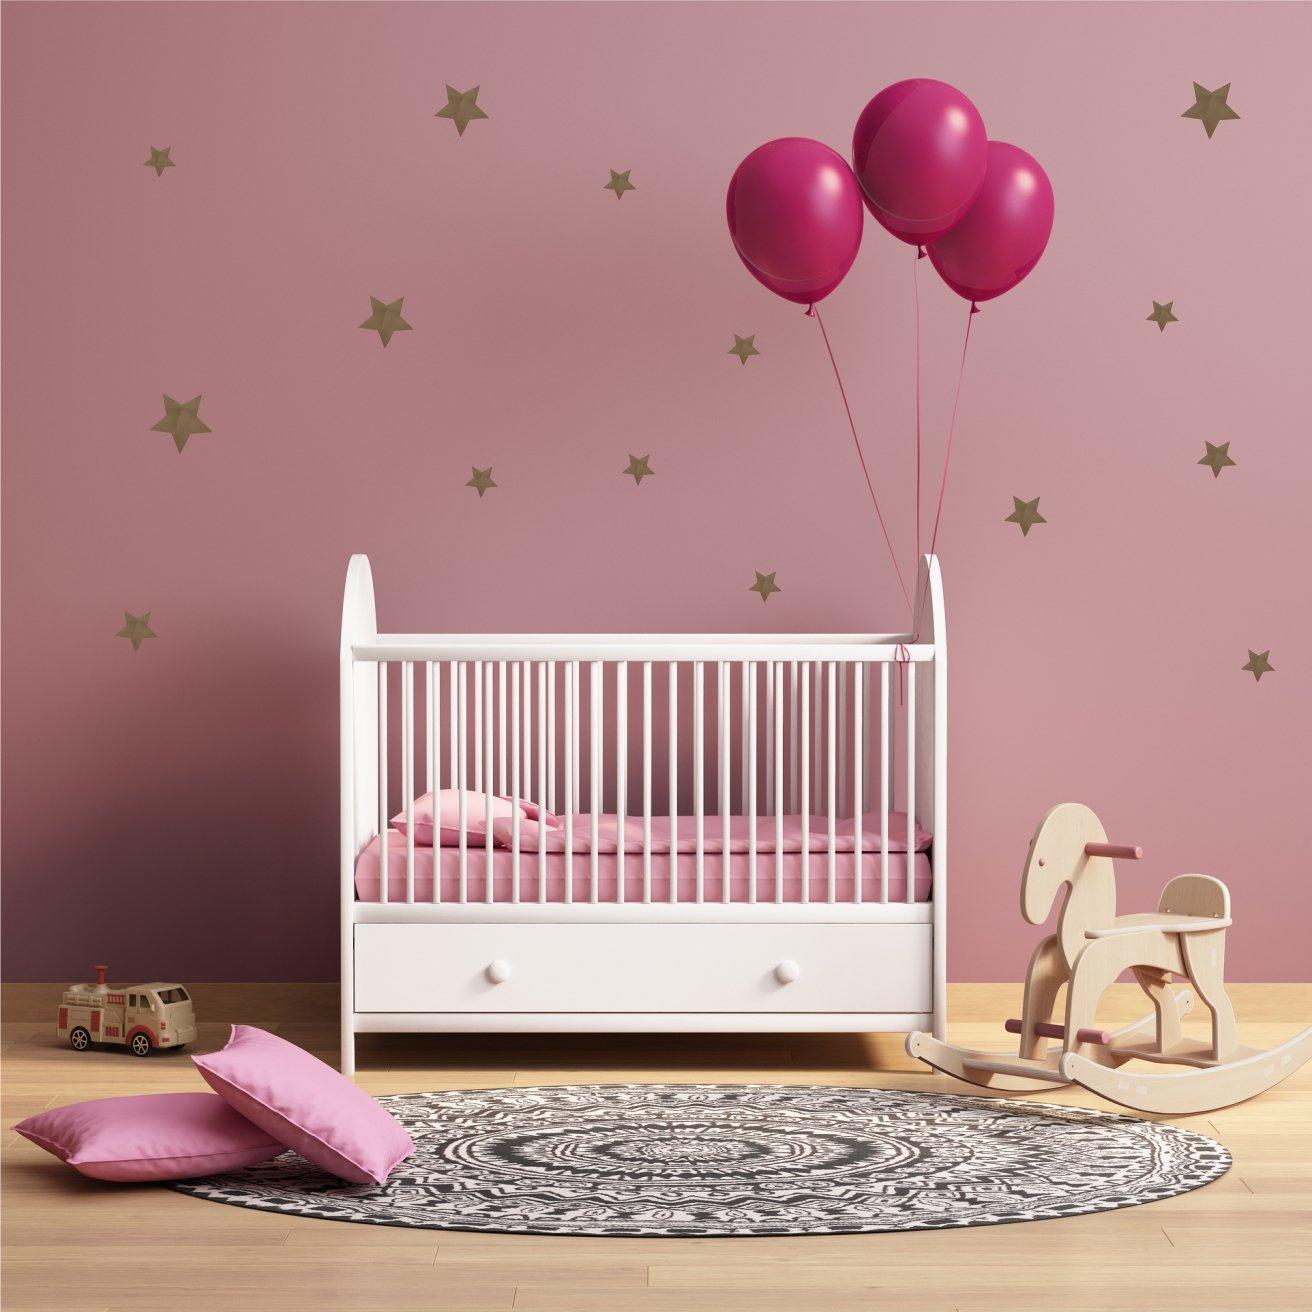 greenluup Wandsticker Wandaufkleber 108 Herzen in Weiß Kinderzimmer Babyzimmer Wanddekoration